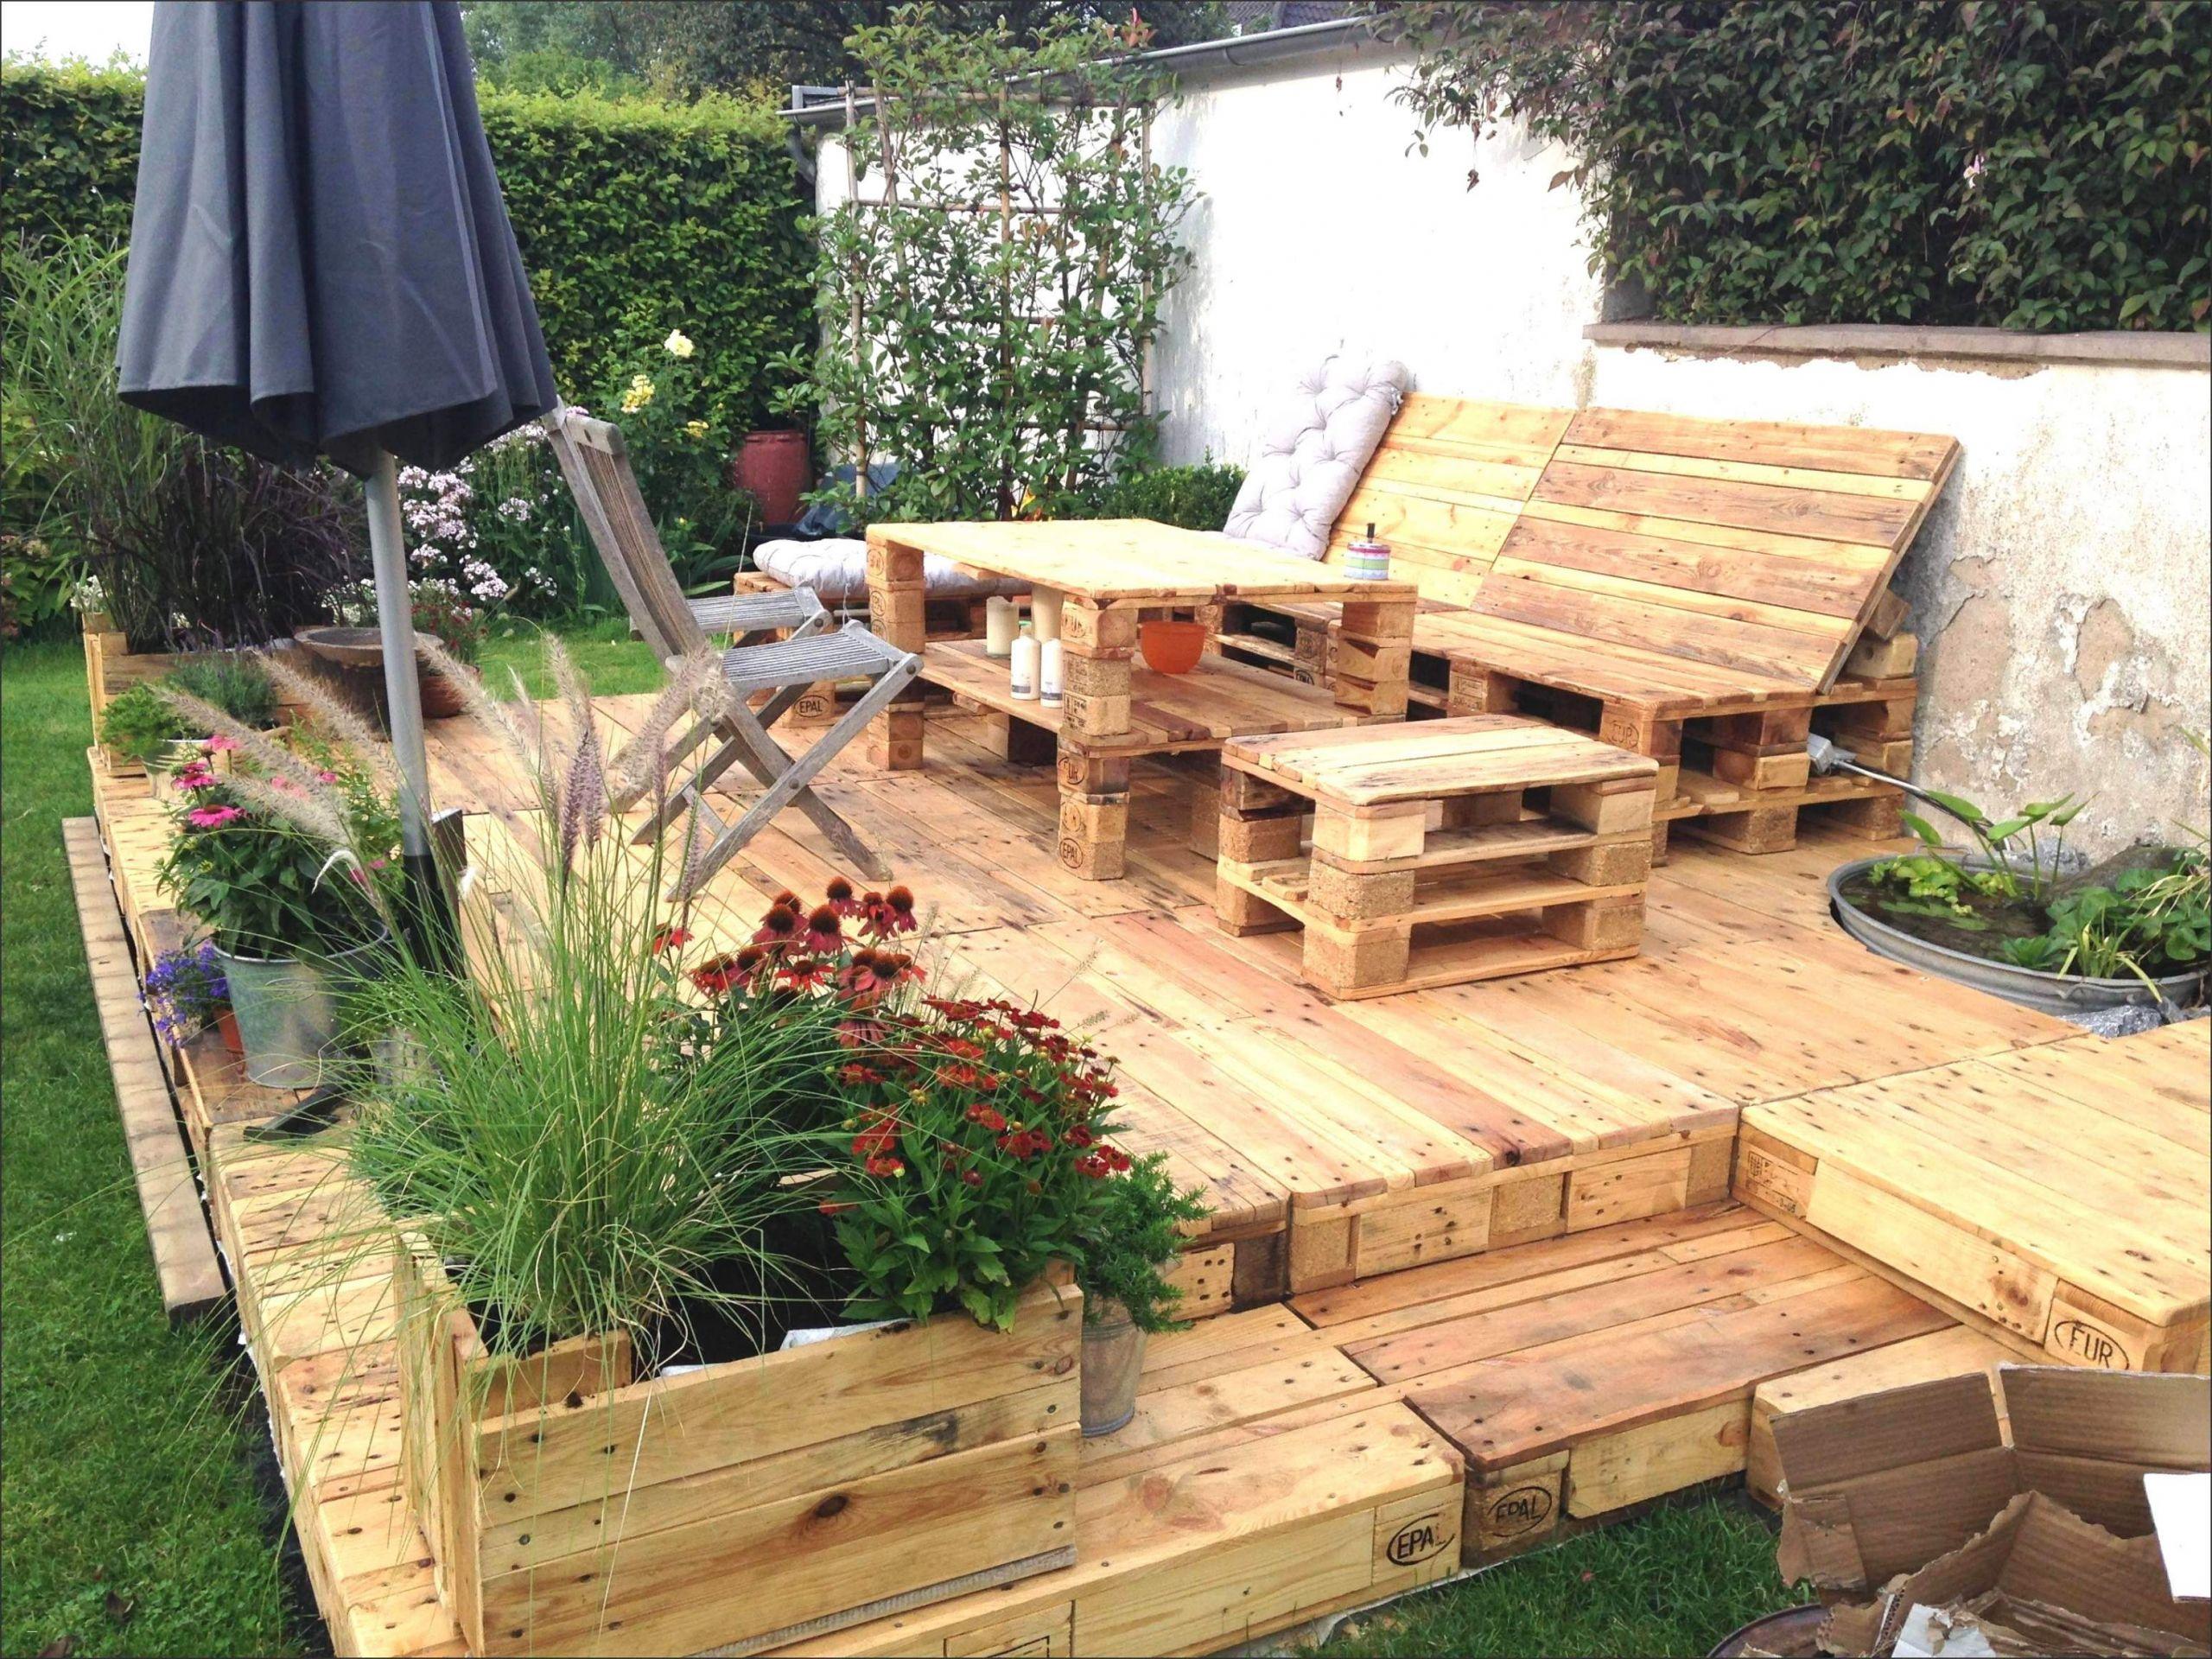 Feuerstelle Garten Erlaubt Schon Feuerstellen Im Garten Temobardz Home Blog Garten Anlegen